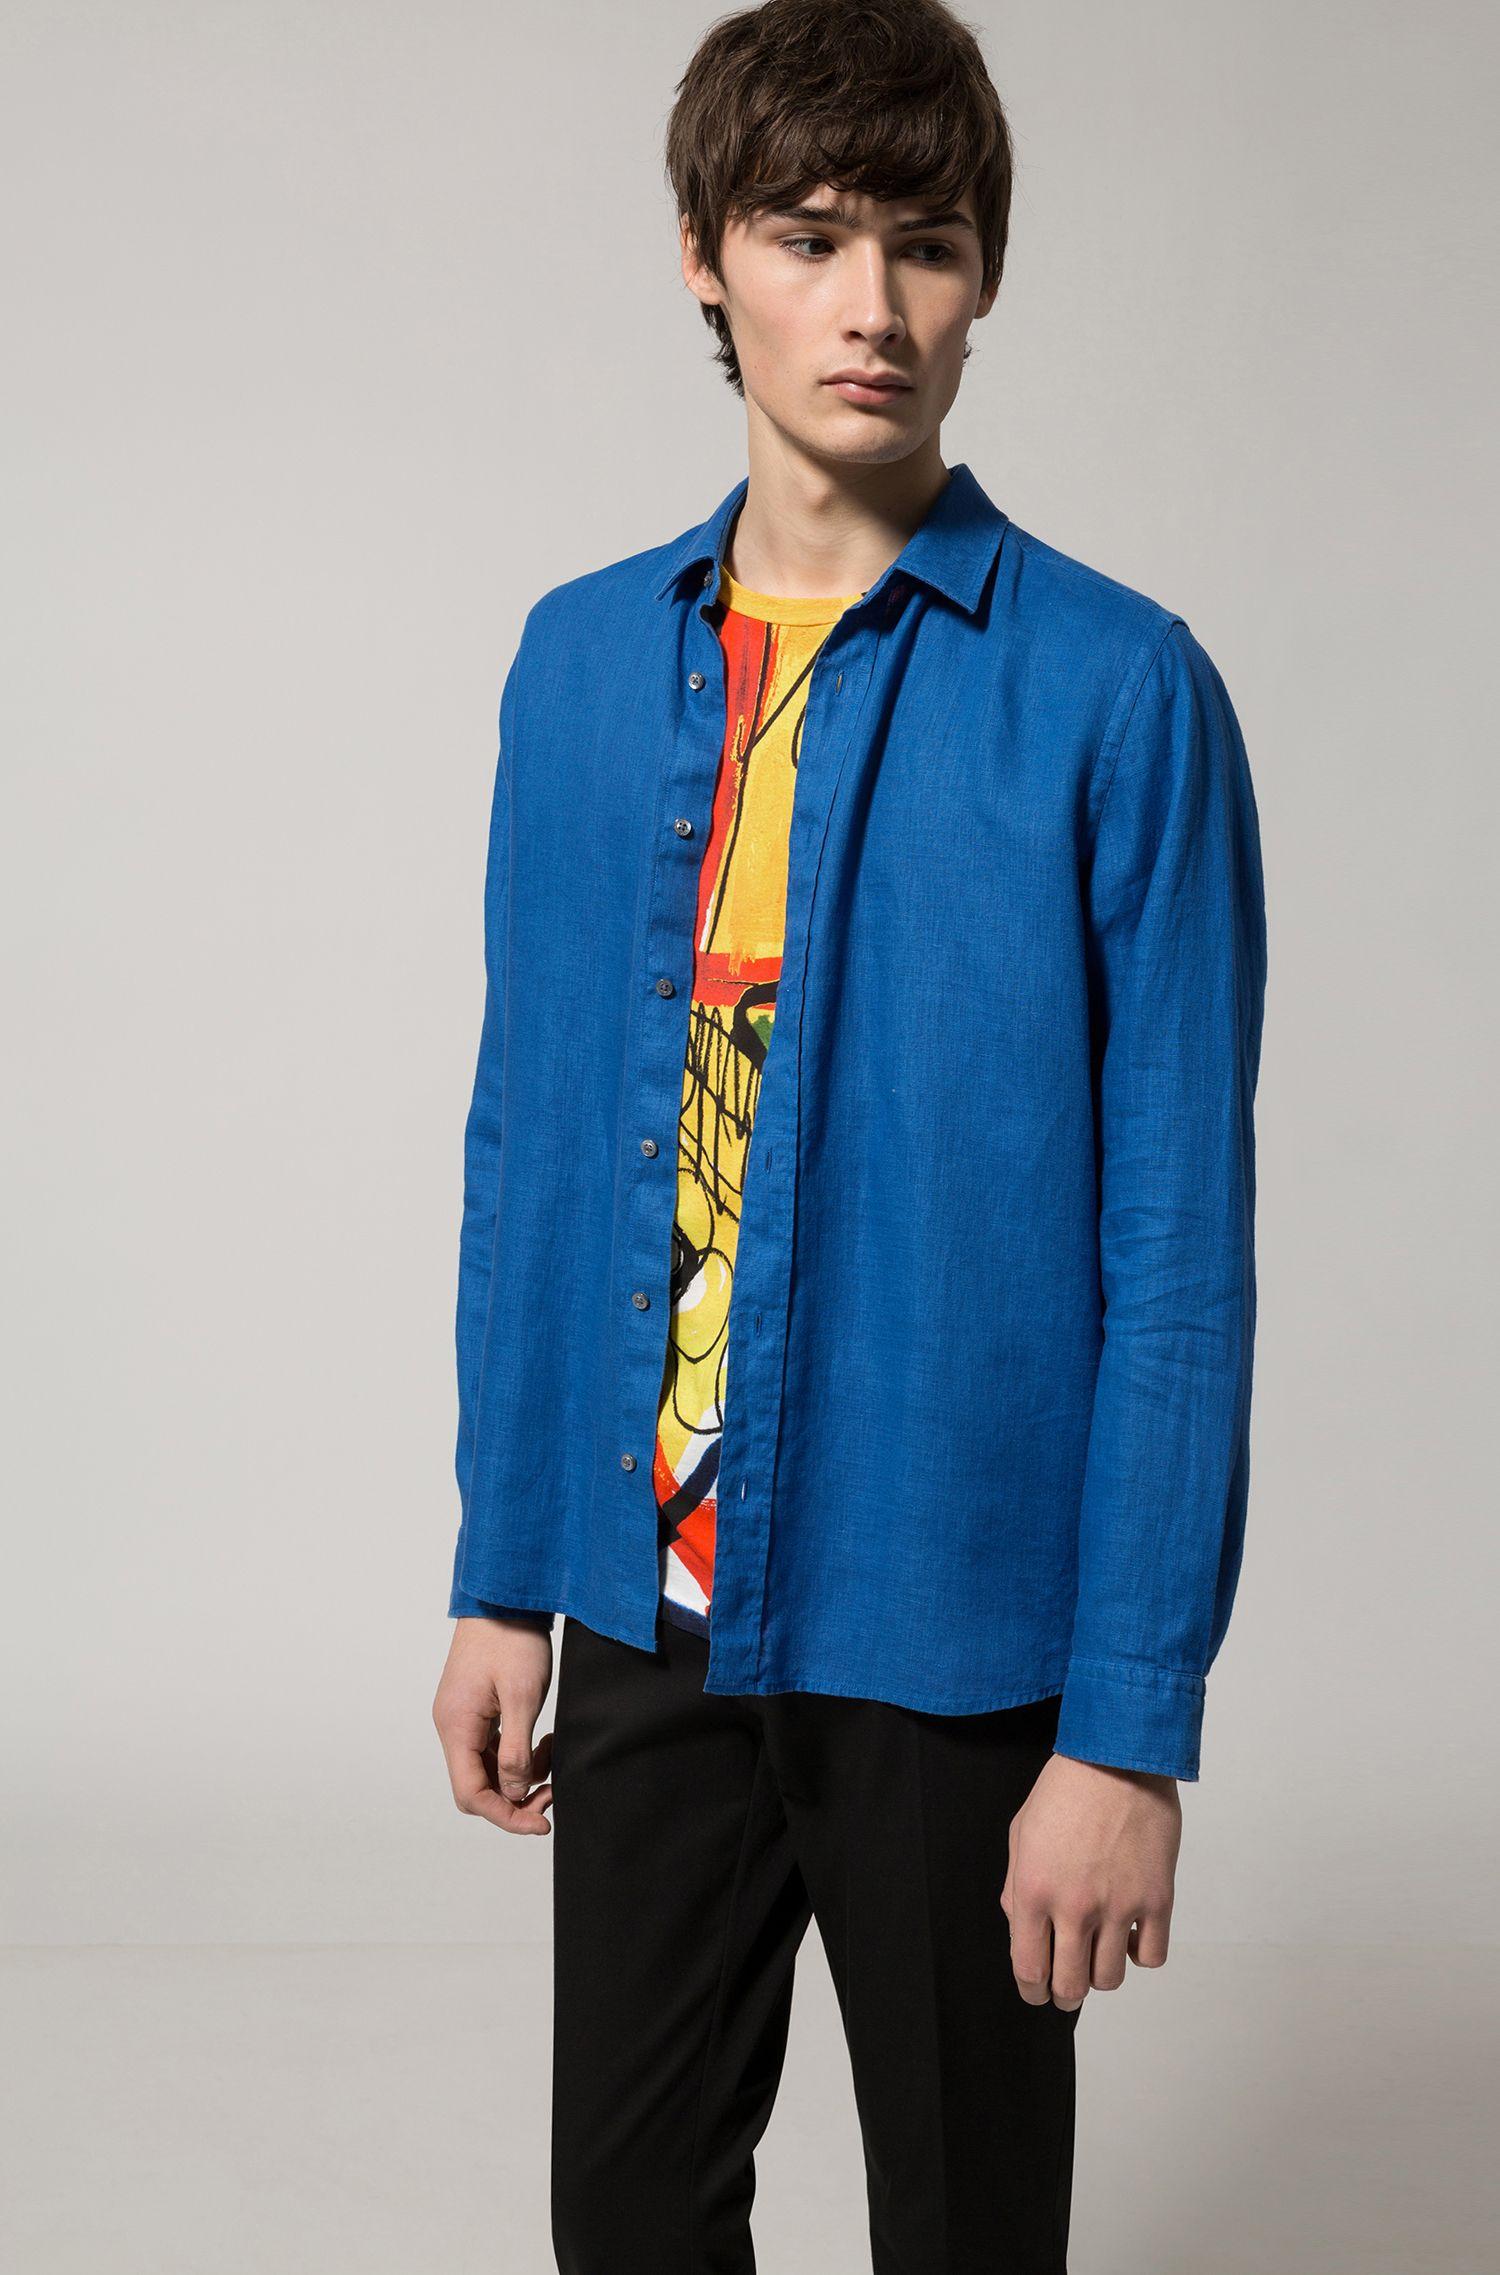 Linen Sport Shirt, Relaxed Fit | Evory, Open Blue